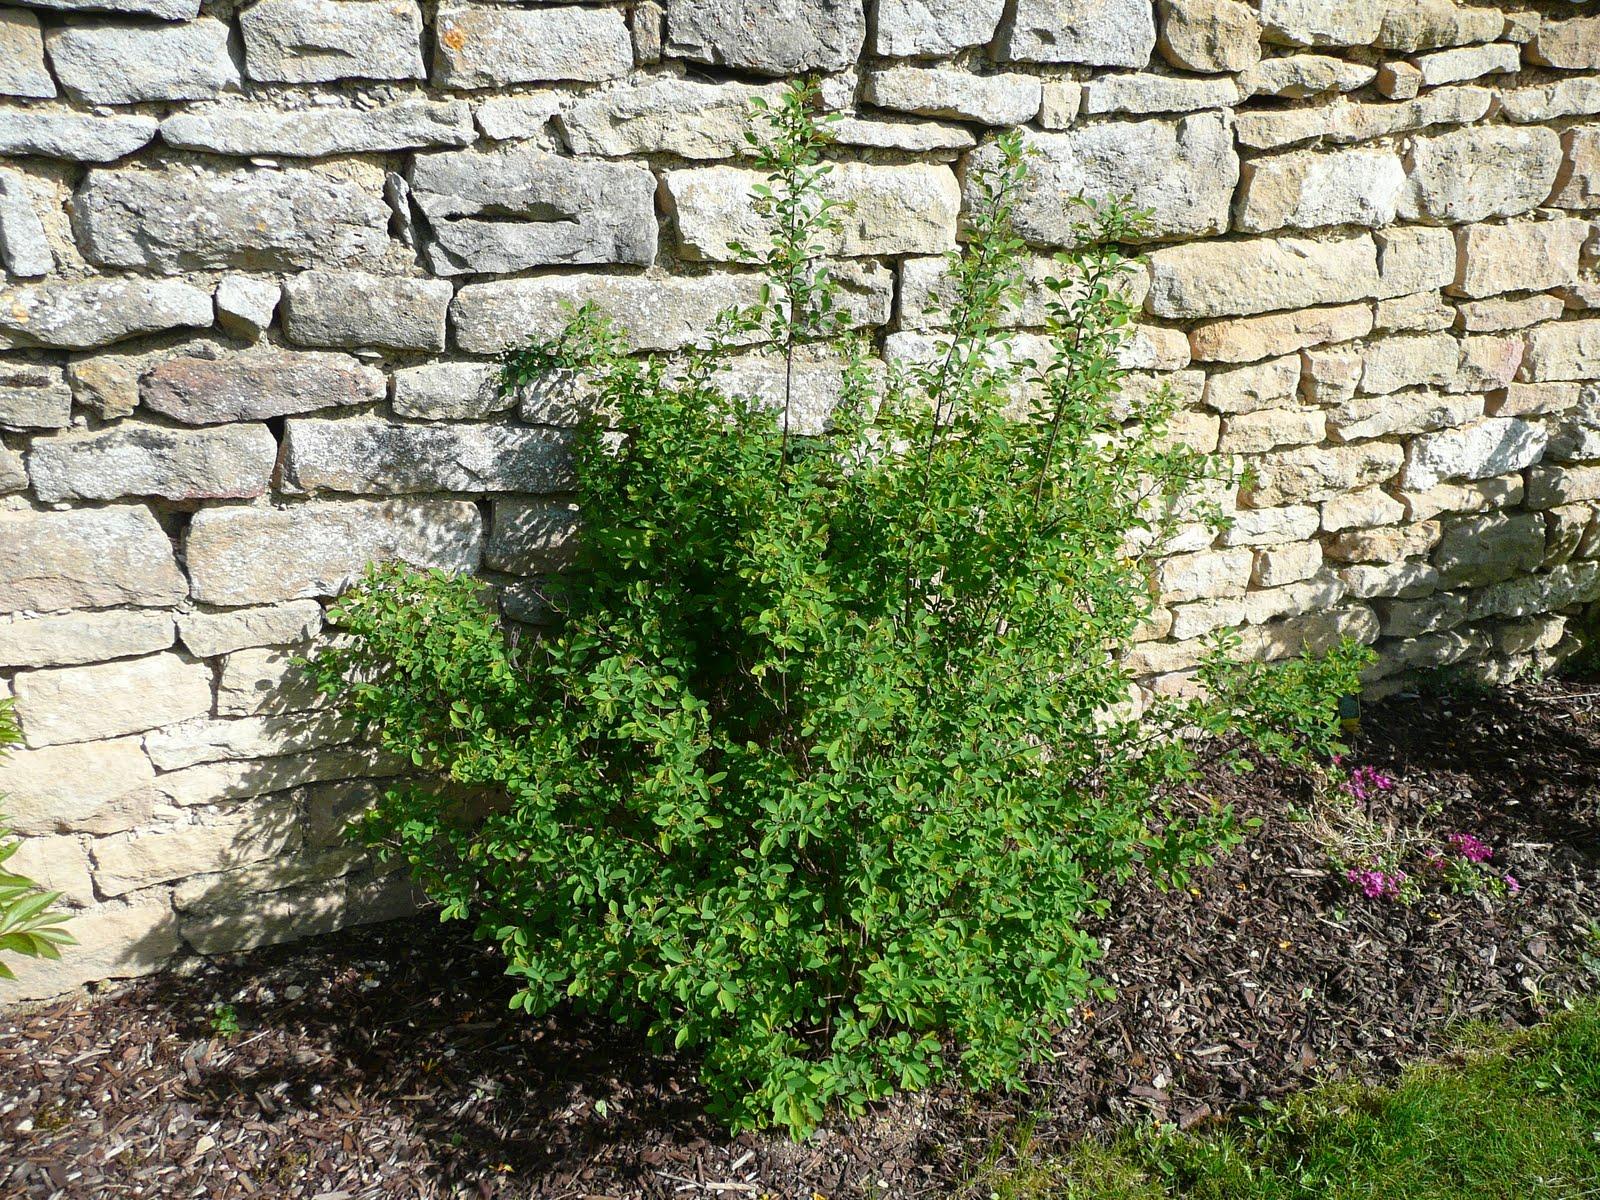 Notre jardin secret avril fais ce qu 39 il te plait - Arbuste floraison printaniere jaune ...